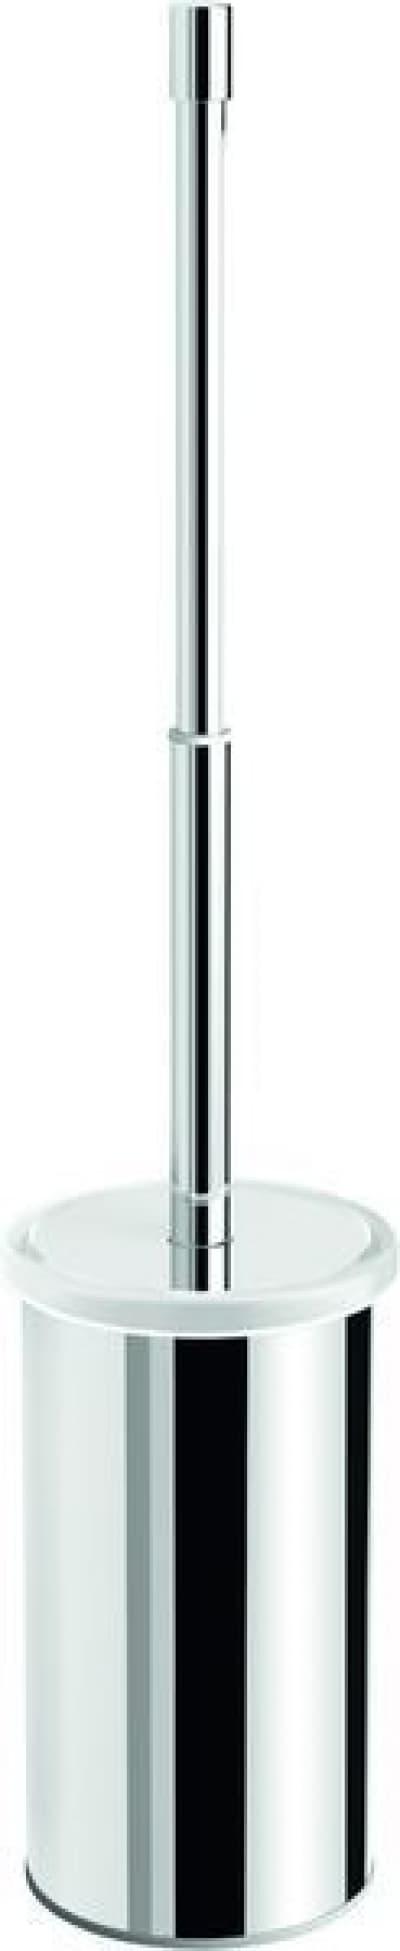 Gedy G-Canarie, напольный металлический ёршик для унитаза с телескопической ручкой, цвет хром A233(13)